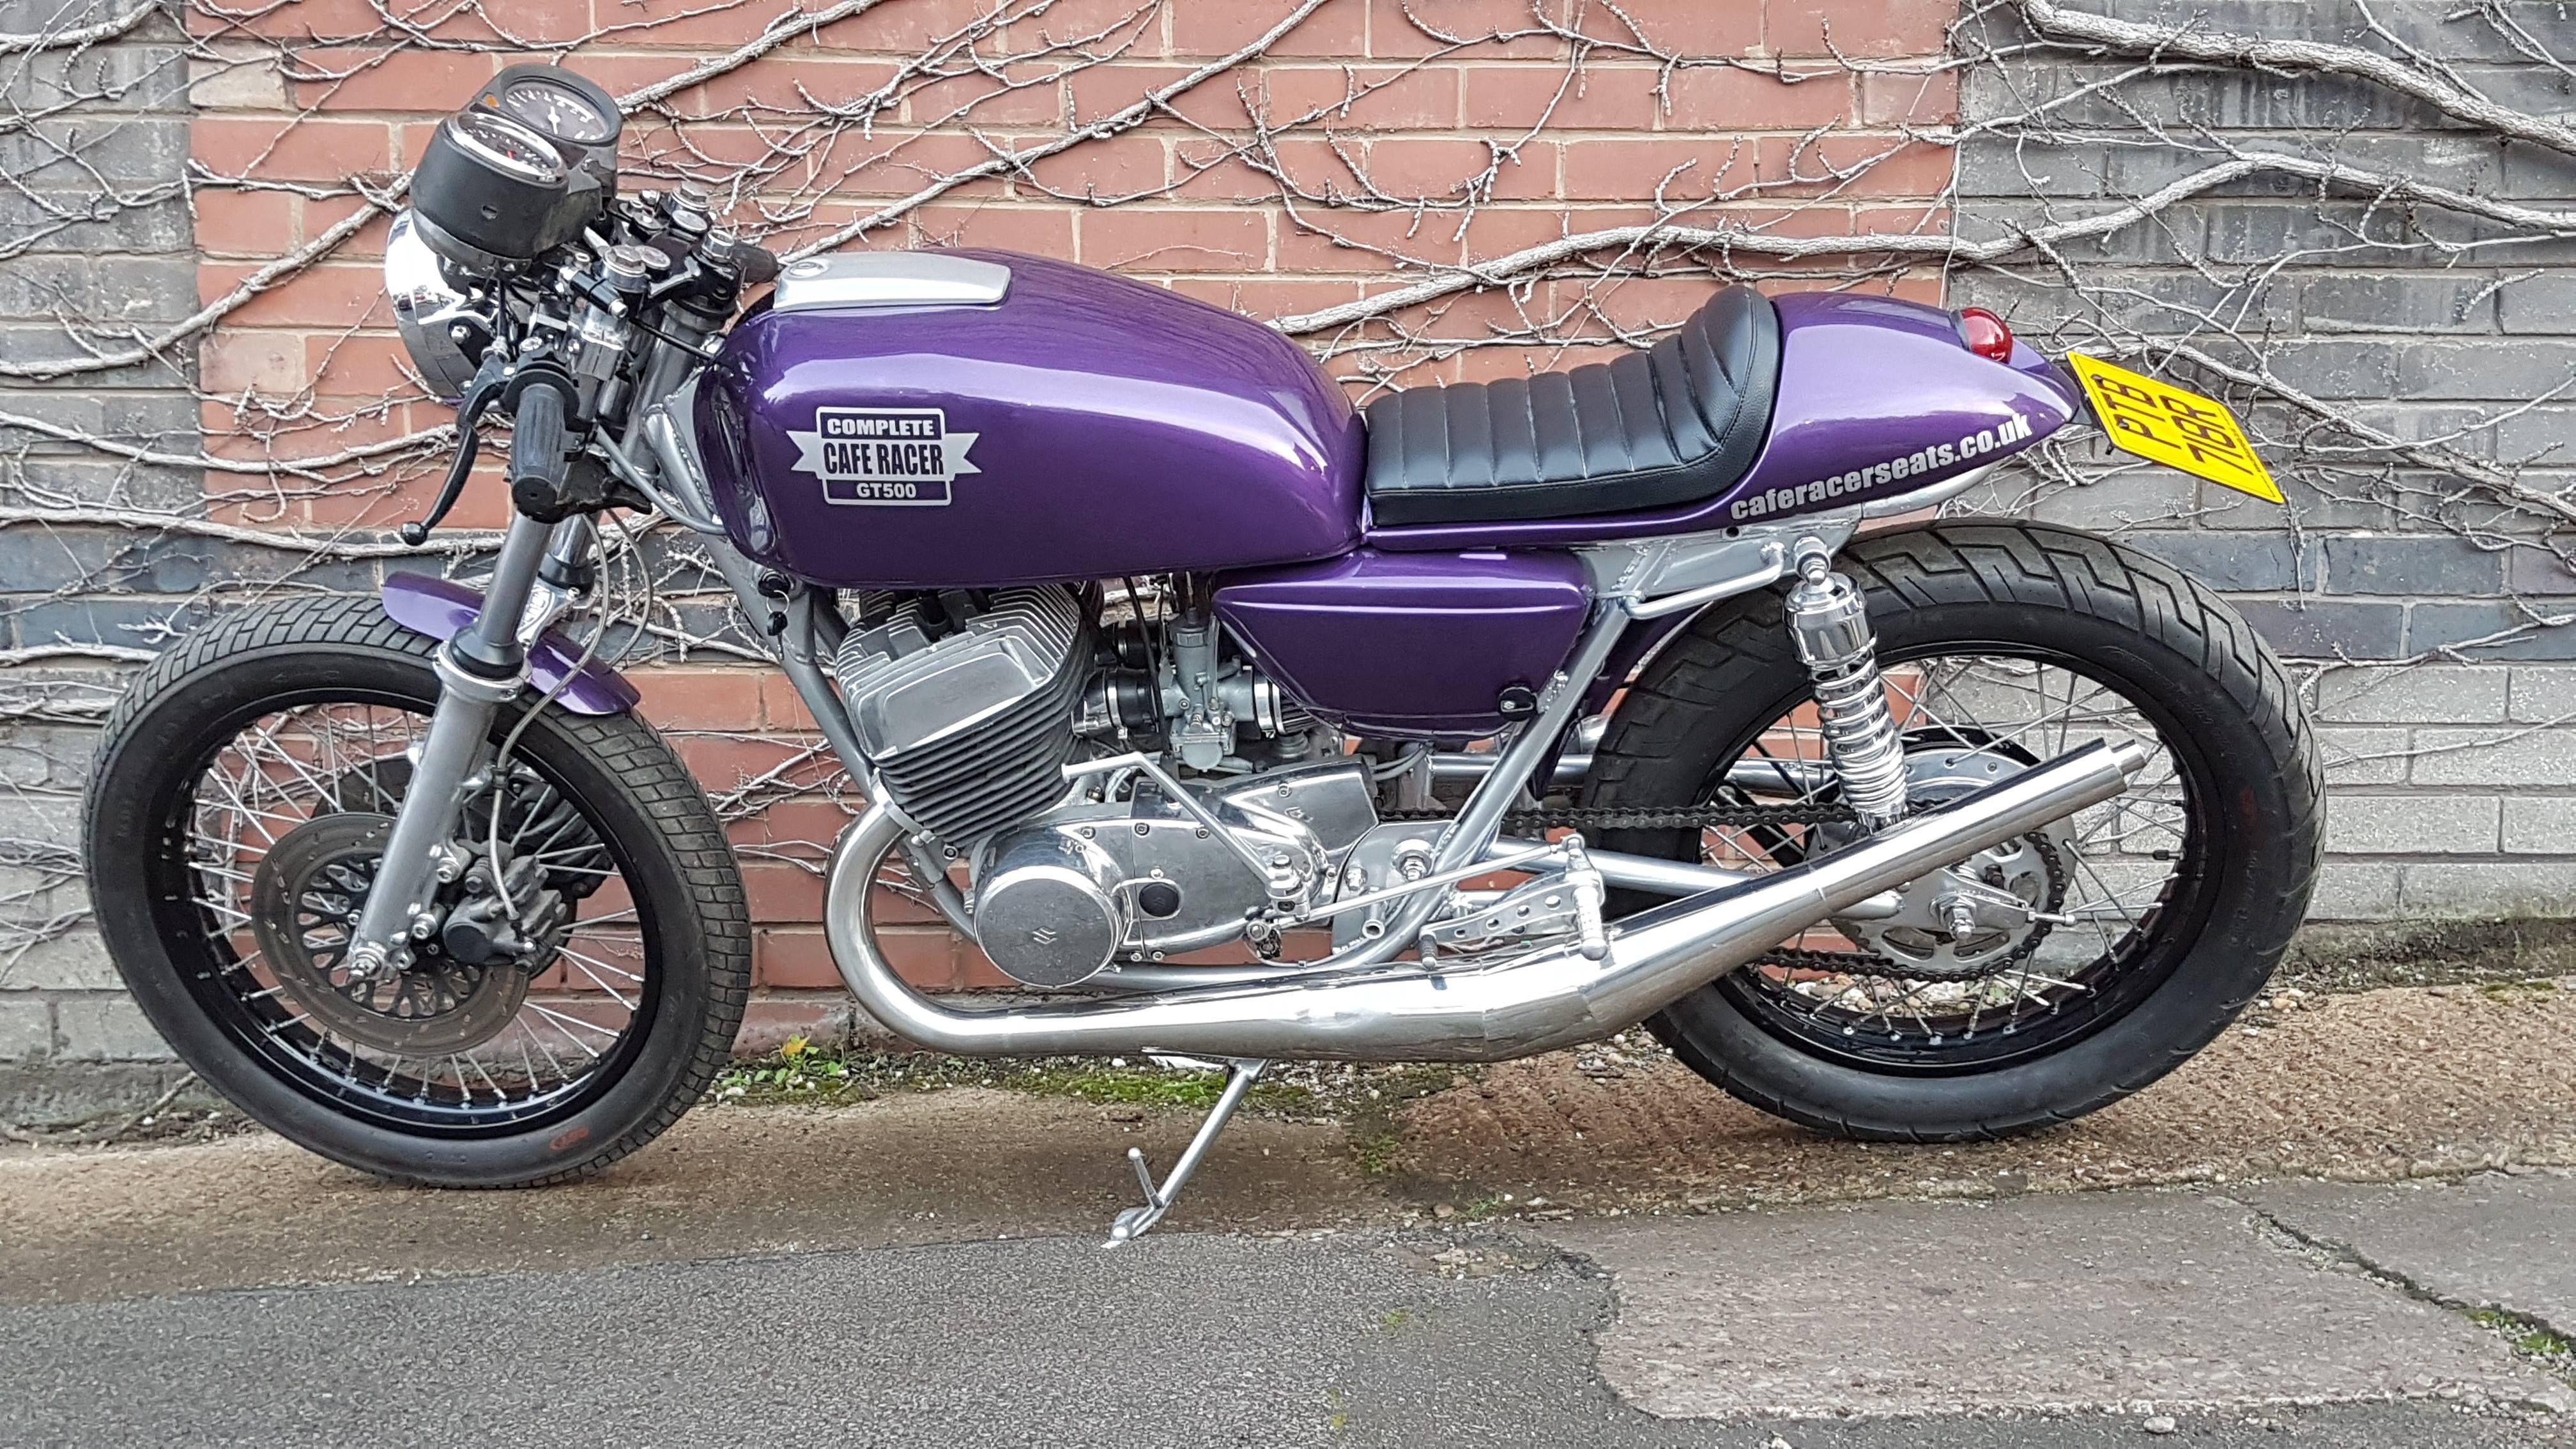 1975 suzuki t500 finished in purple suzuki cafe racer